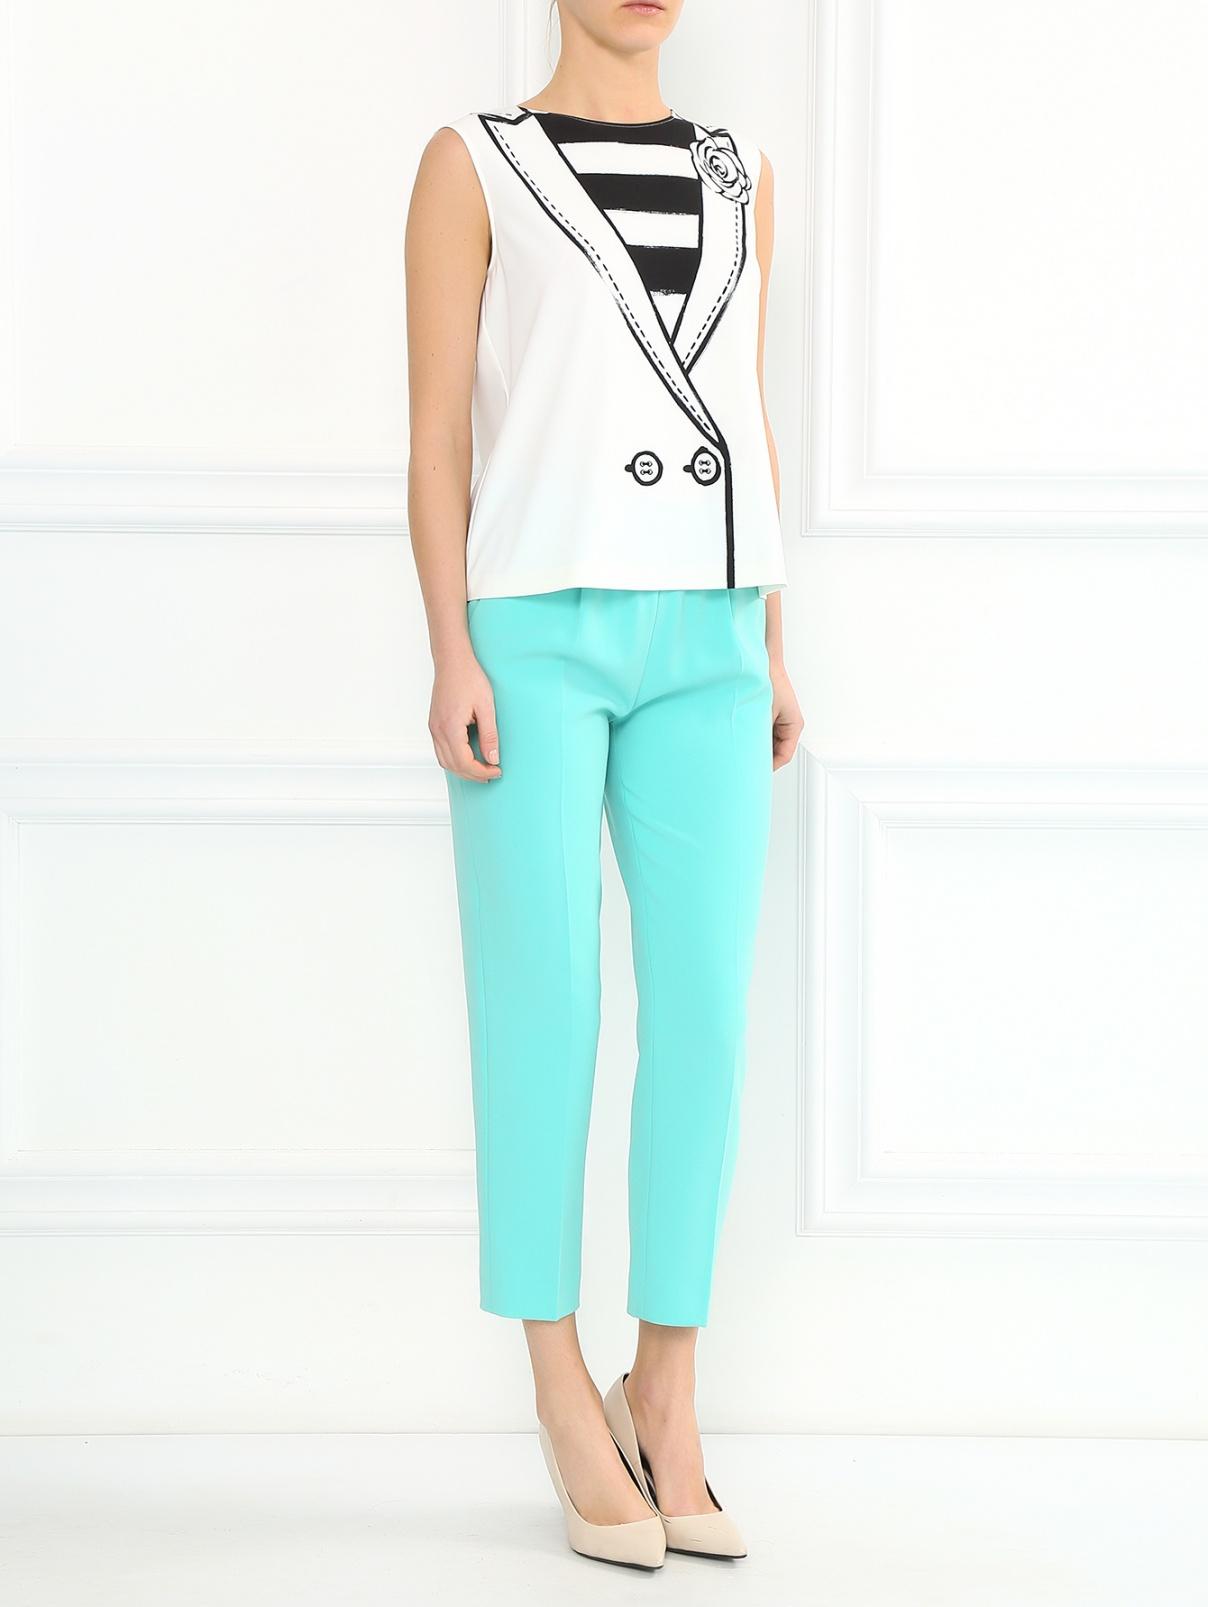 Укороченные брюки на резинке Moschino Boutique  –  Модель Общий вид